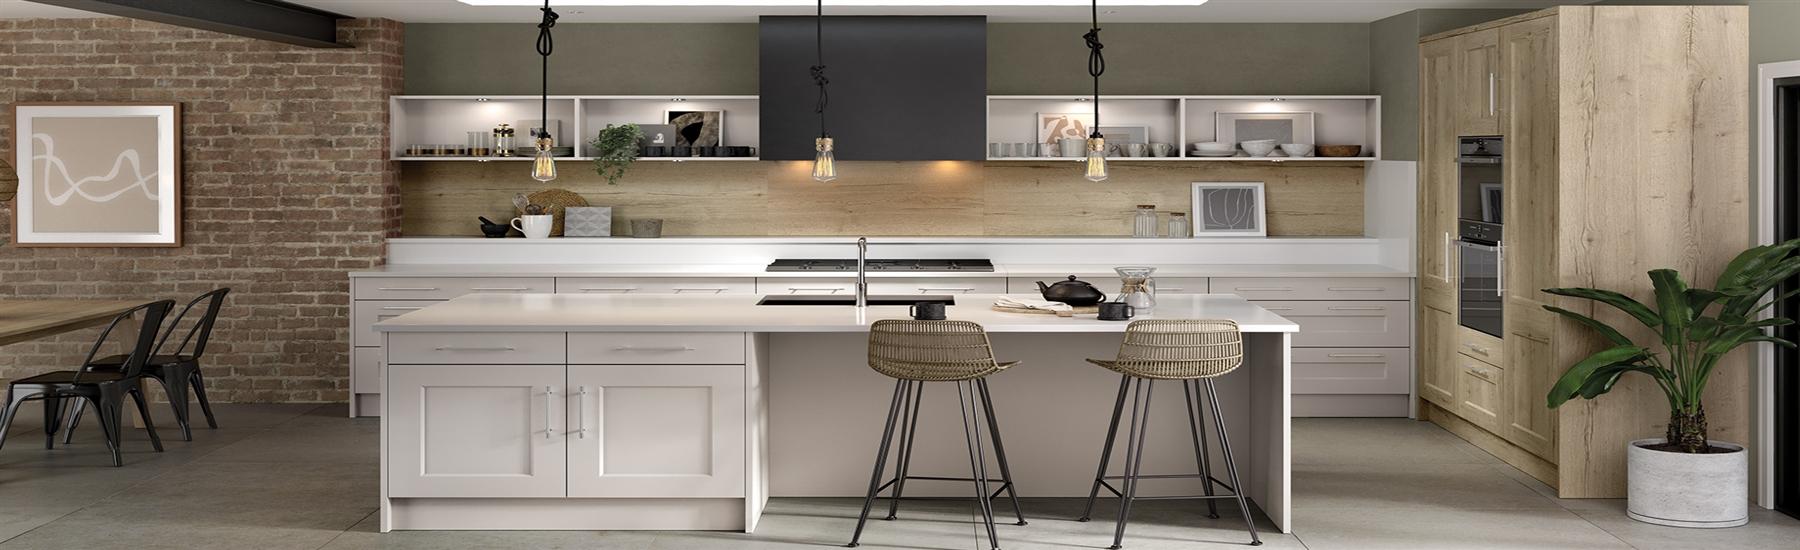 kitchen-door-gallery